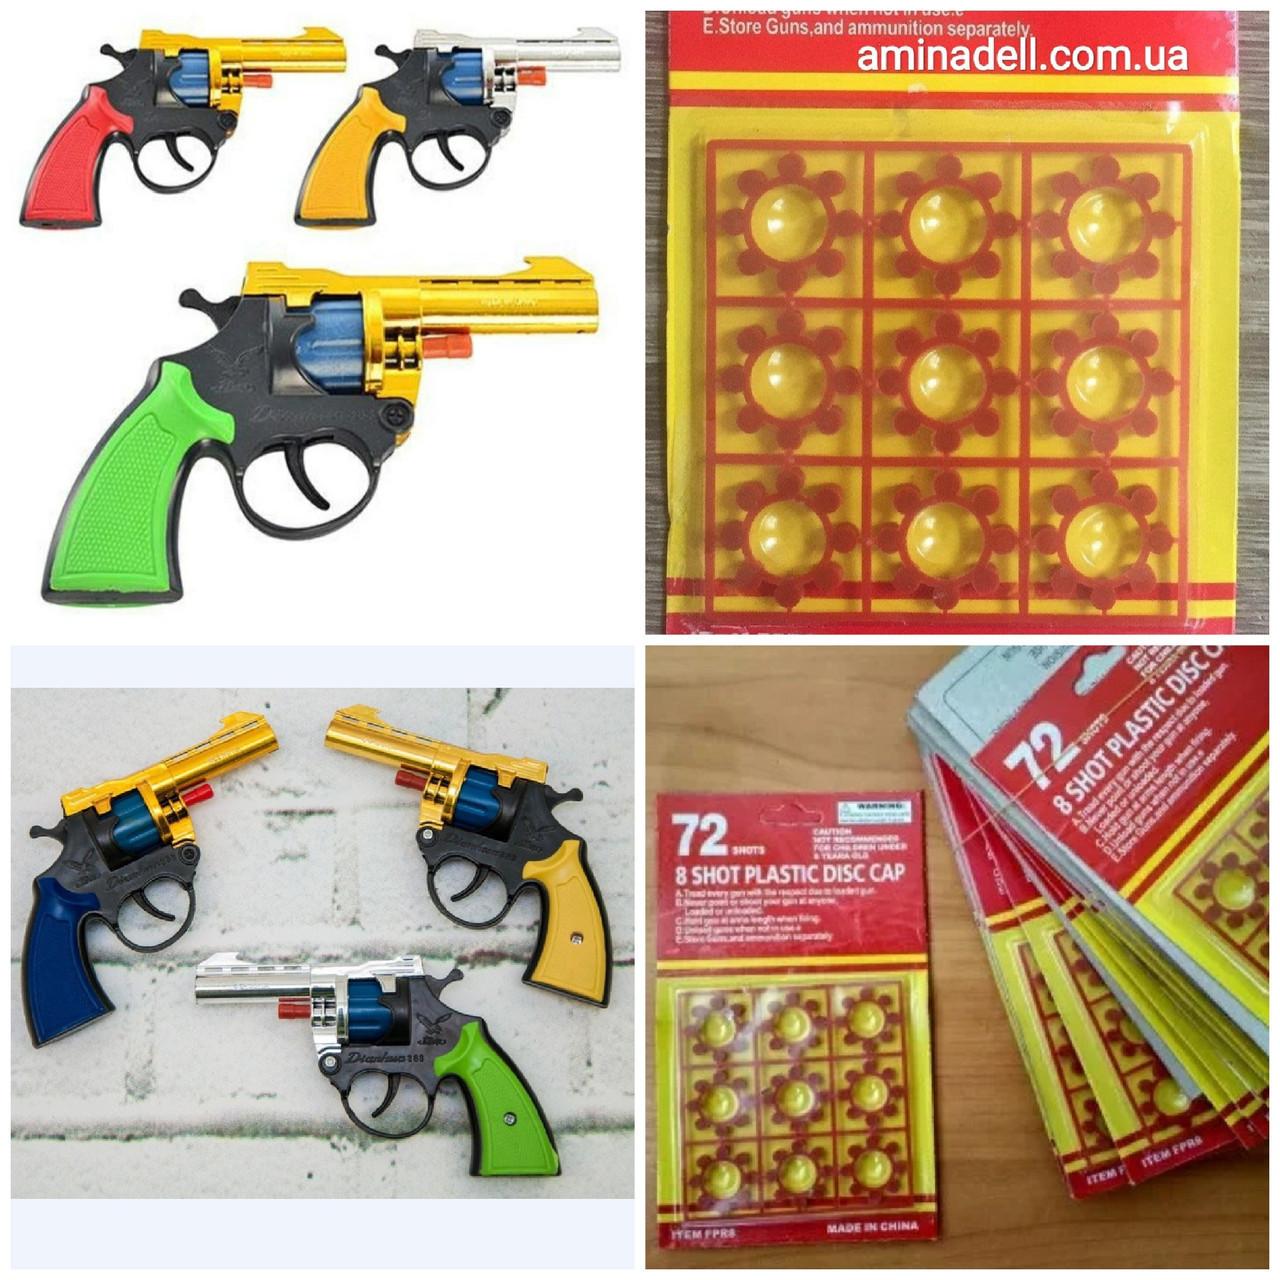 Набор: Пистолет на пистонах + 5 упаковок пистонов